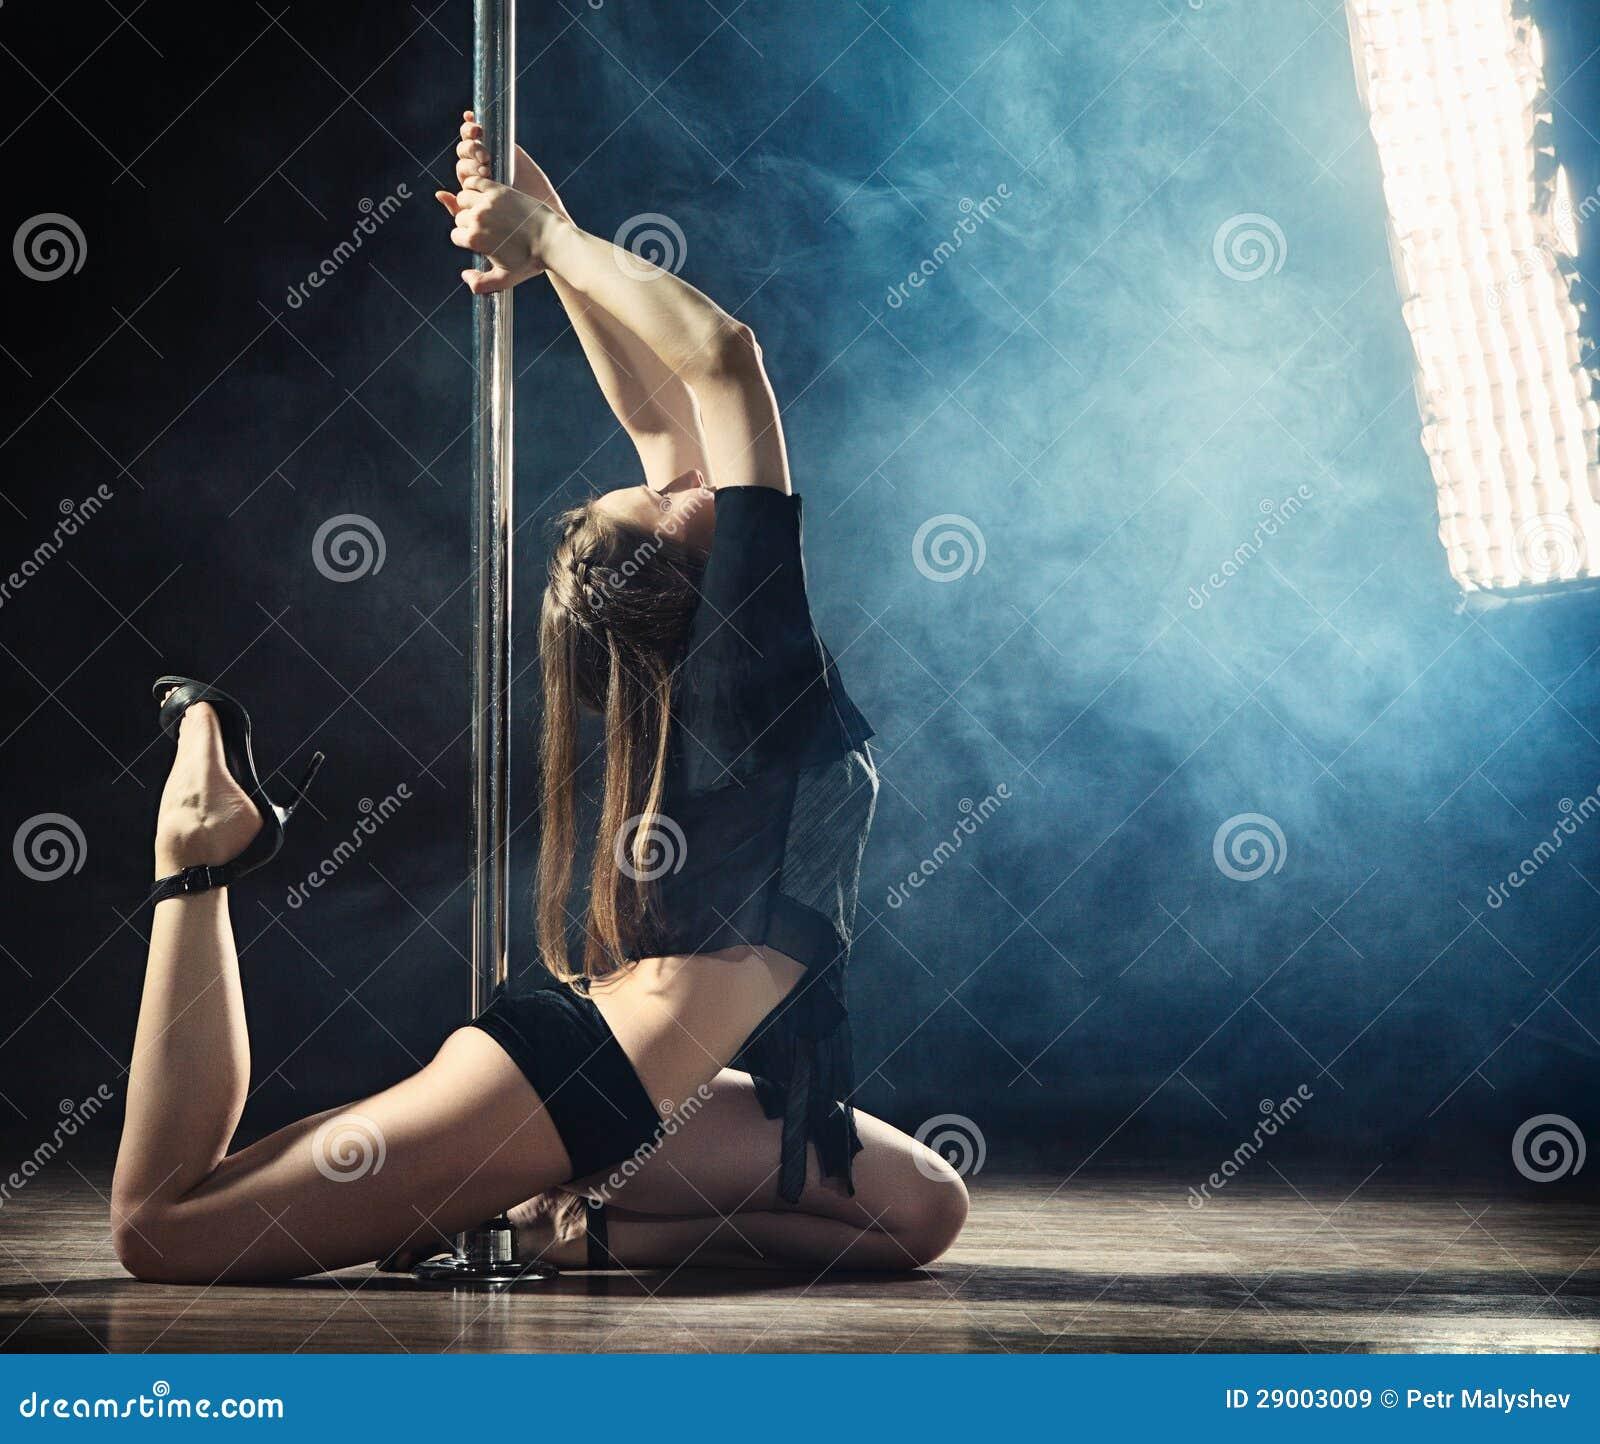 Сексуальные девочки танцуют стриптиз 1 фотография